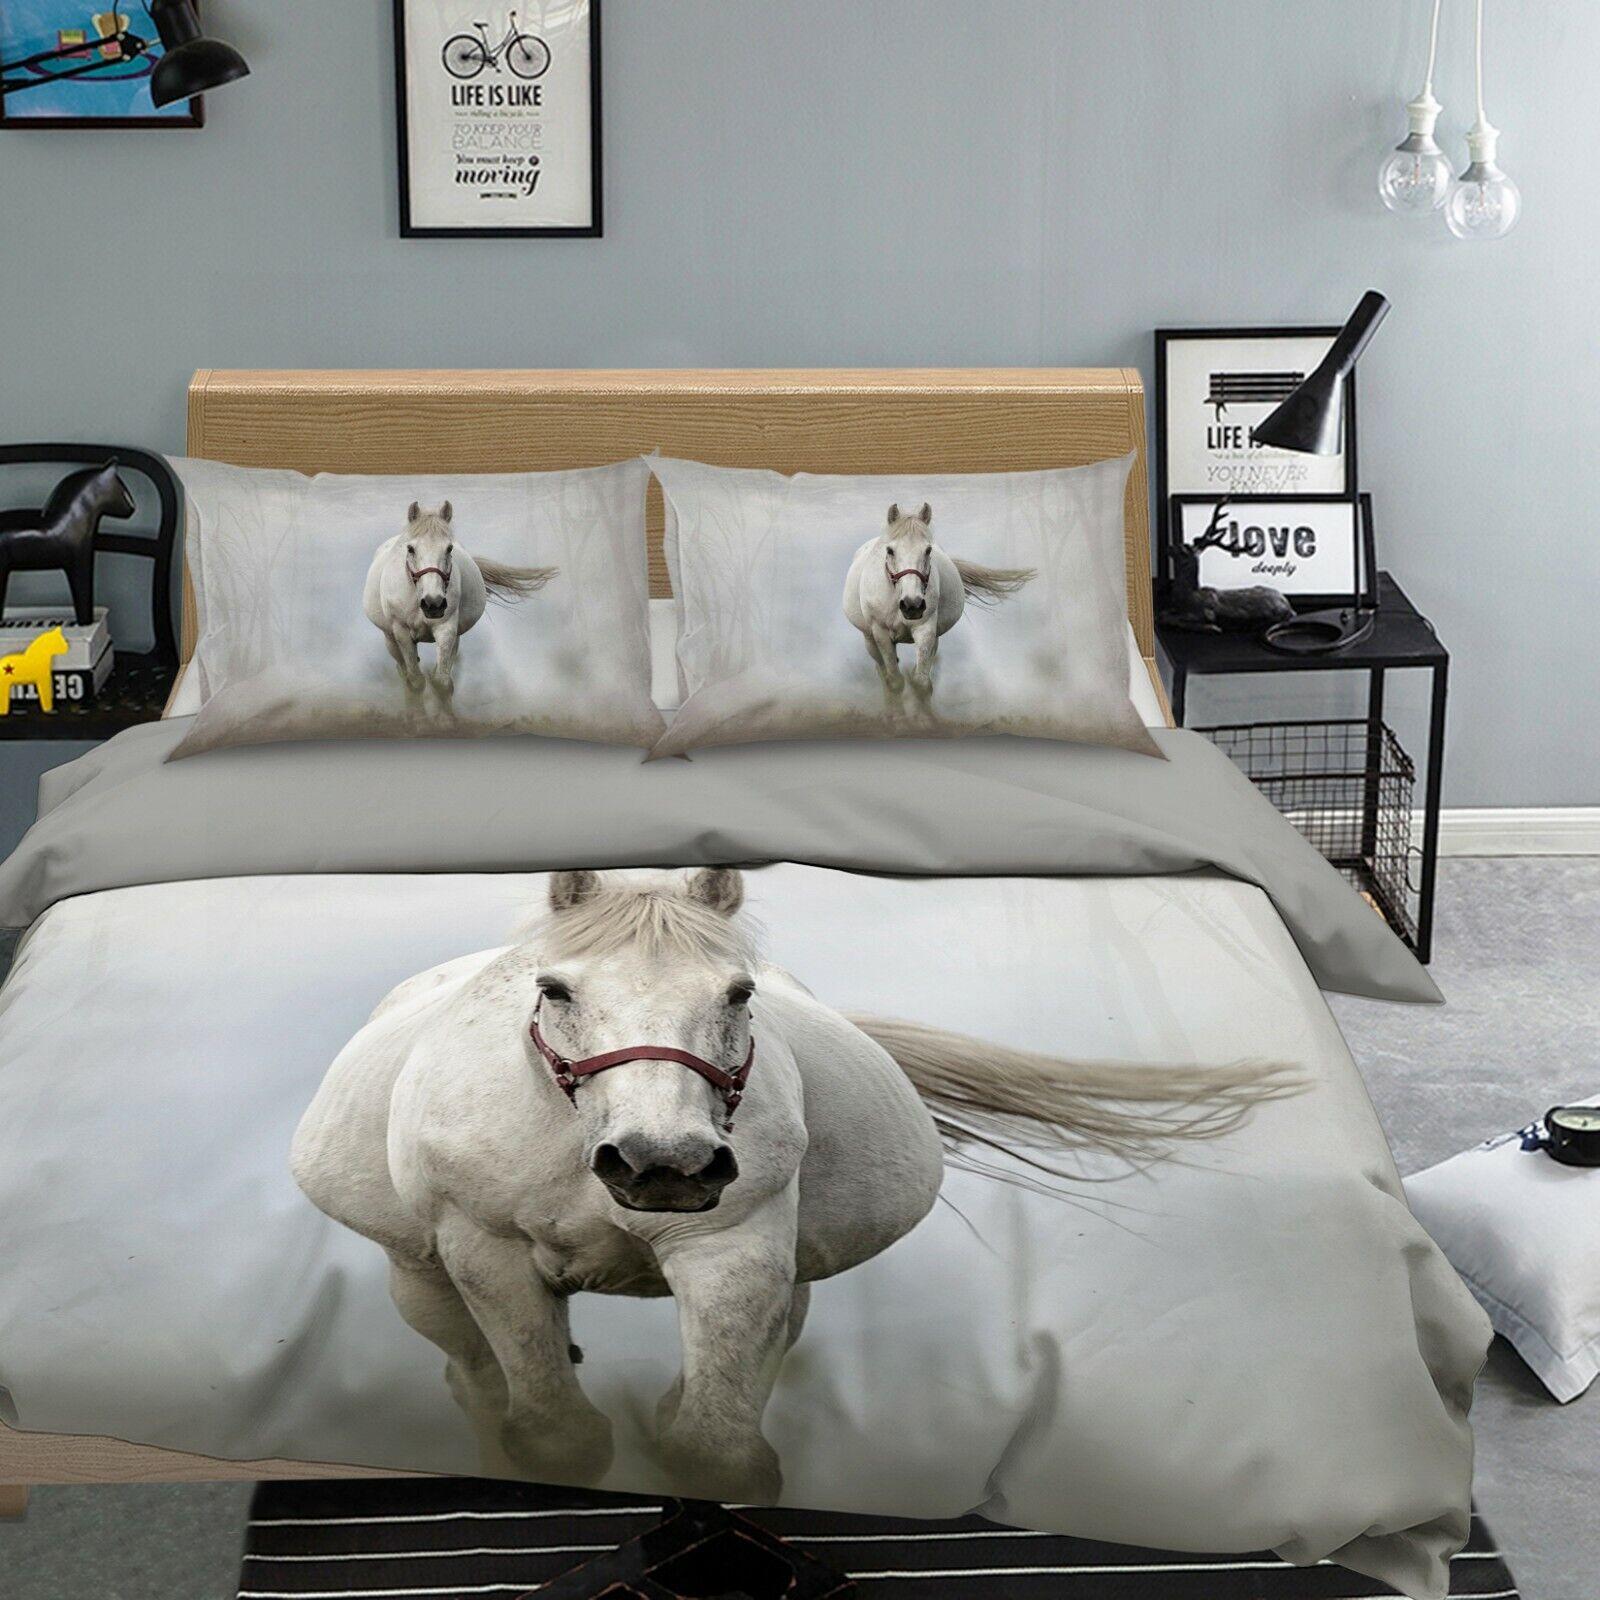 3d cheval hersaces m52 animal lit housses de coussin couverture couverture couverture Set à